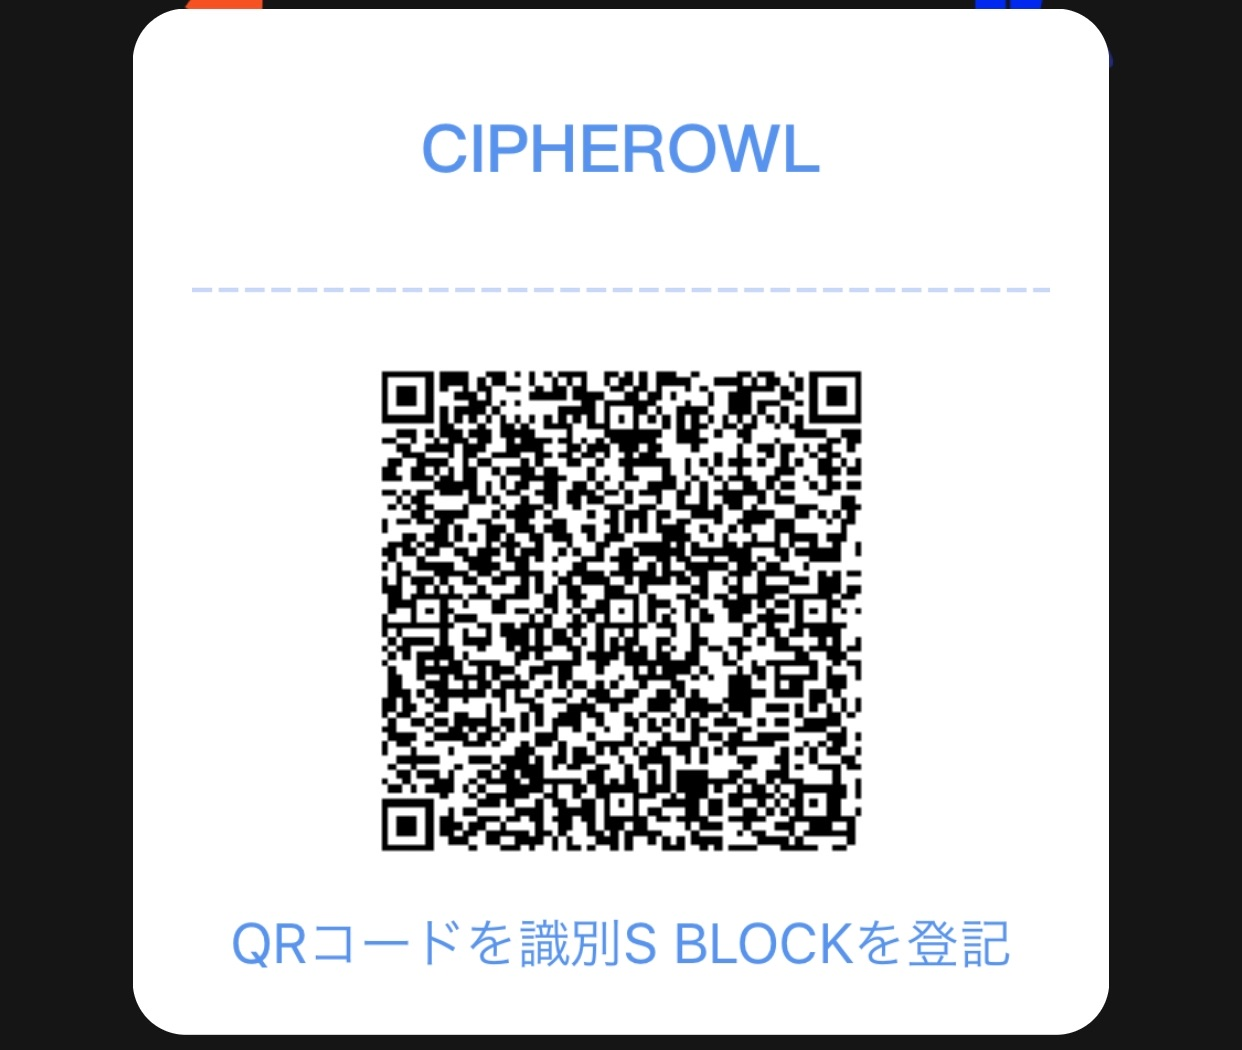 f:id:CipherOwl:20190619194837j:image